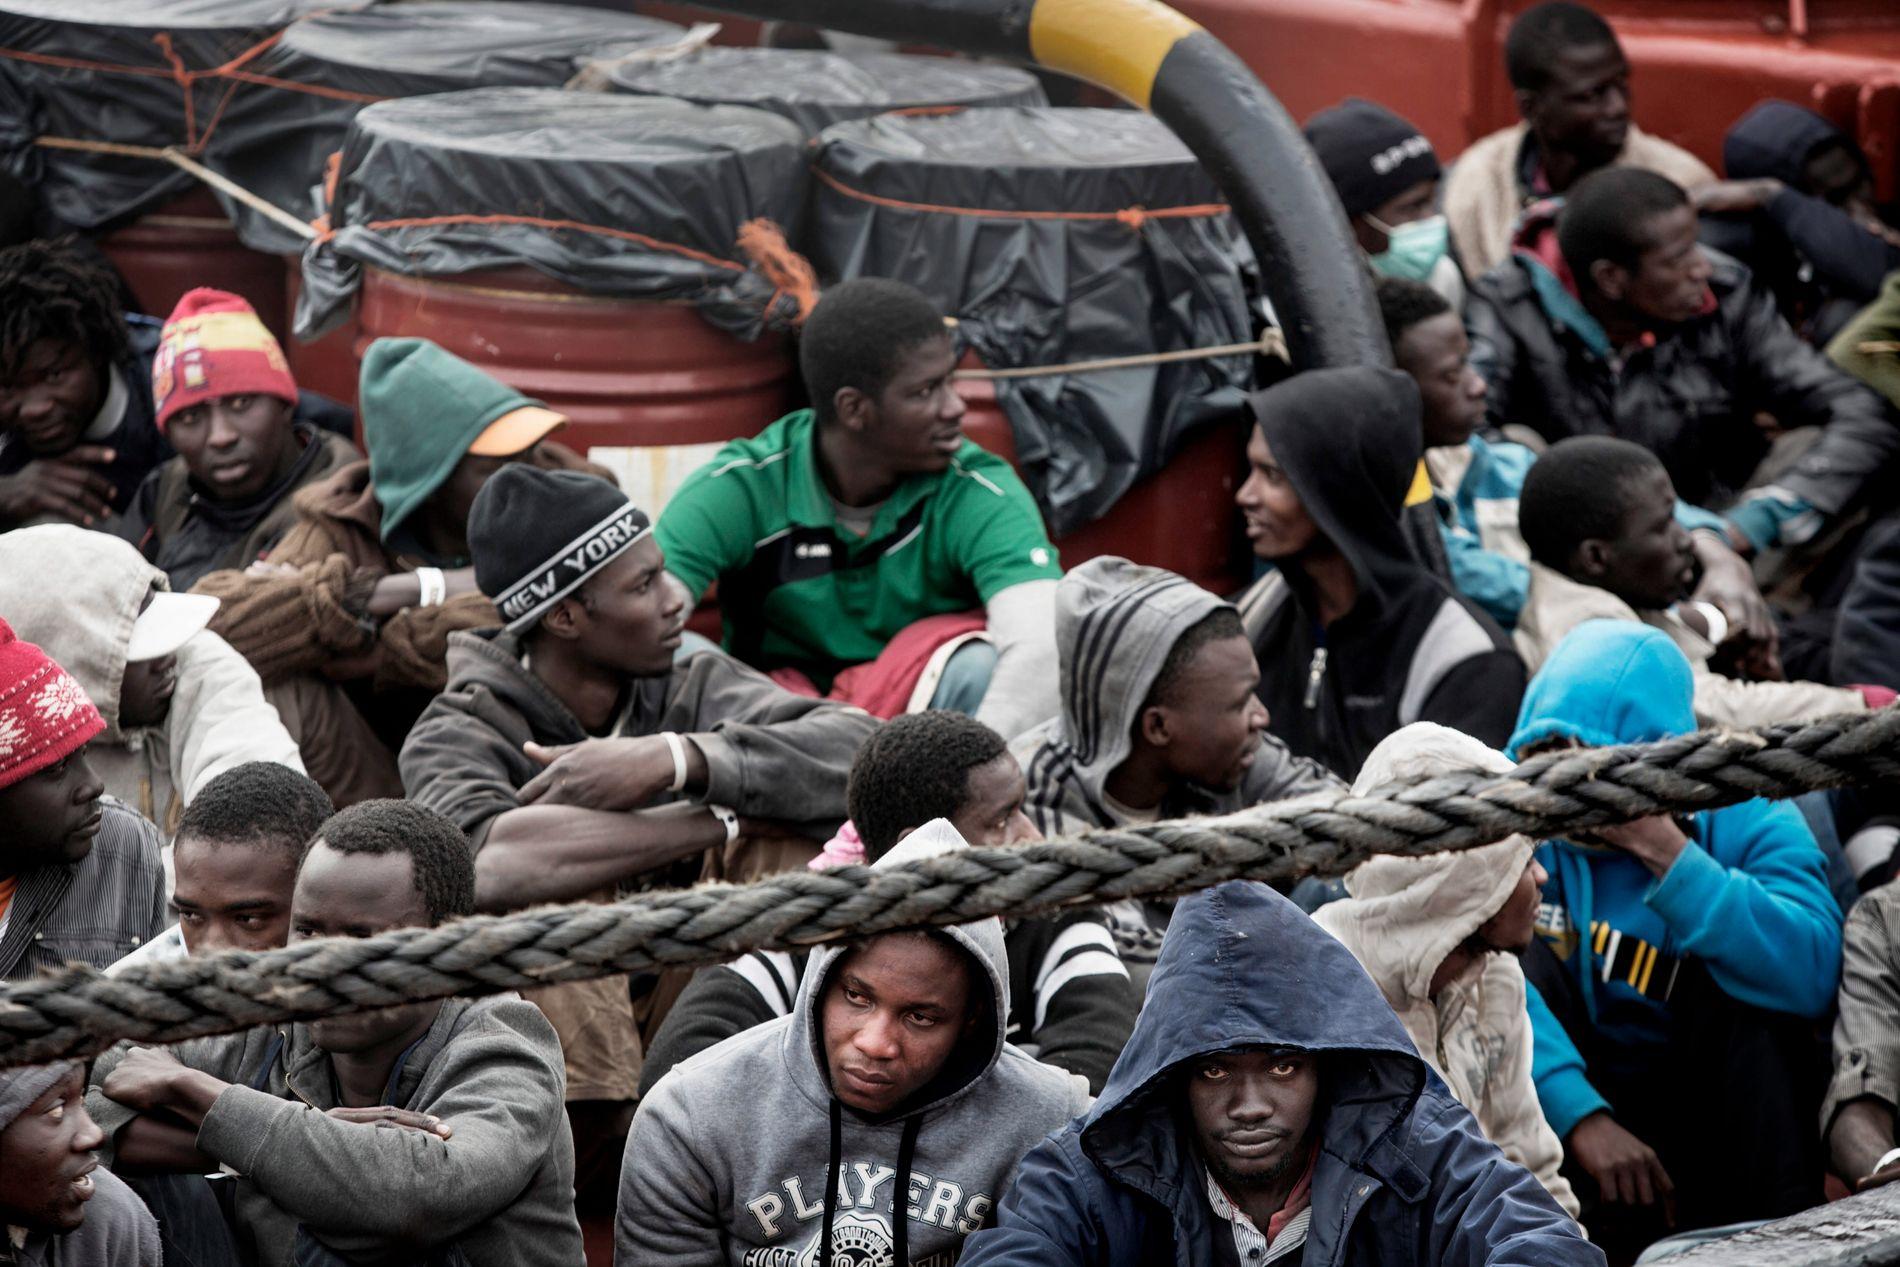 REDDES I LAND: Så langt har mer enn 600 000 migranter kommet til Italia. Mottakskapasiteten er sprengt.